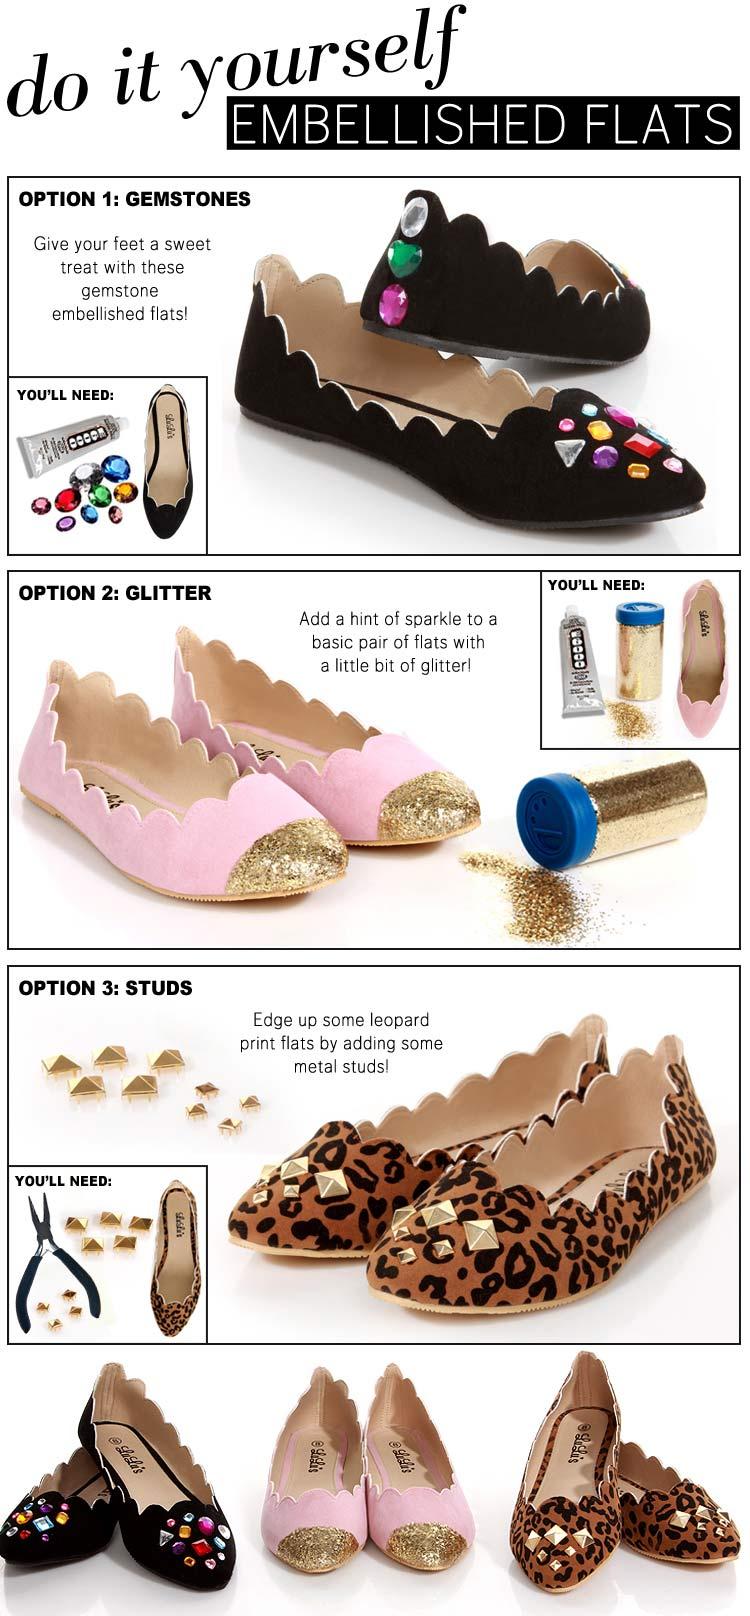 переделываем вещи, полезное рукоделие, декор обуви, как украсить туфли